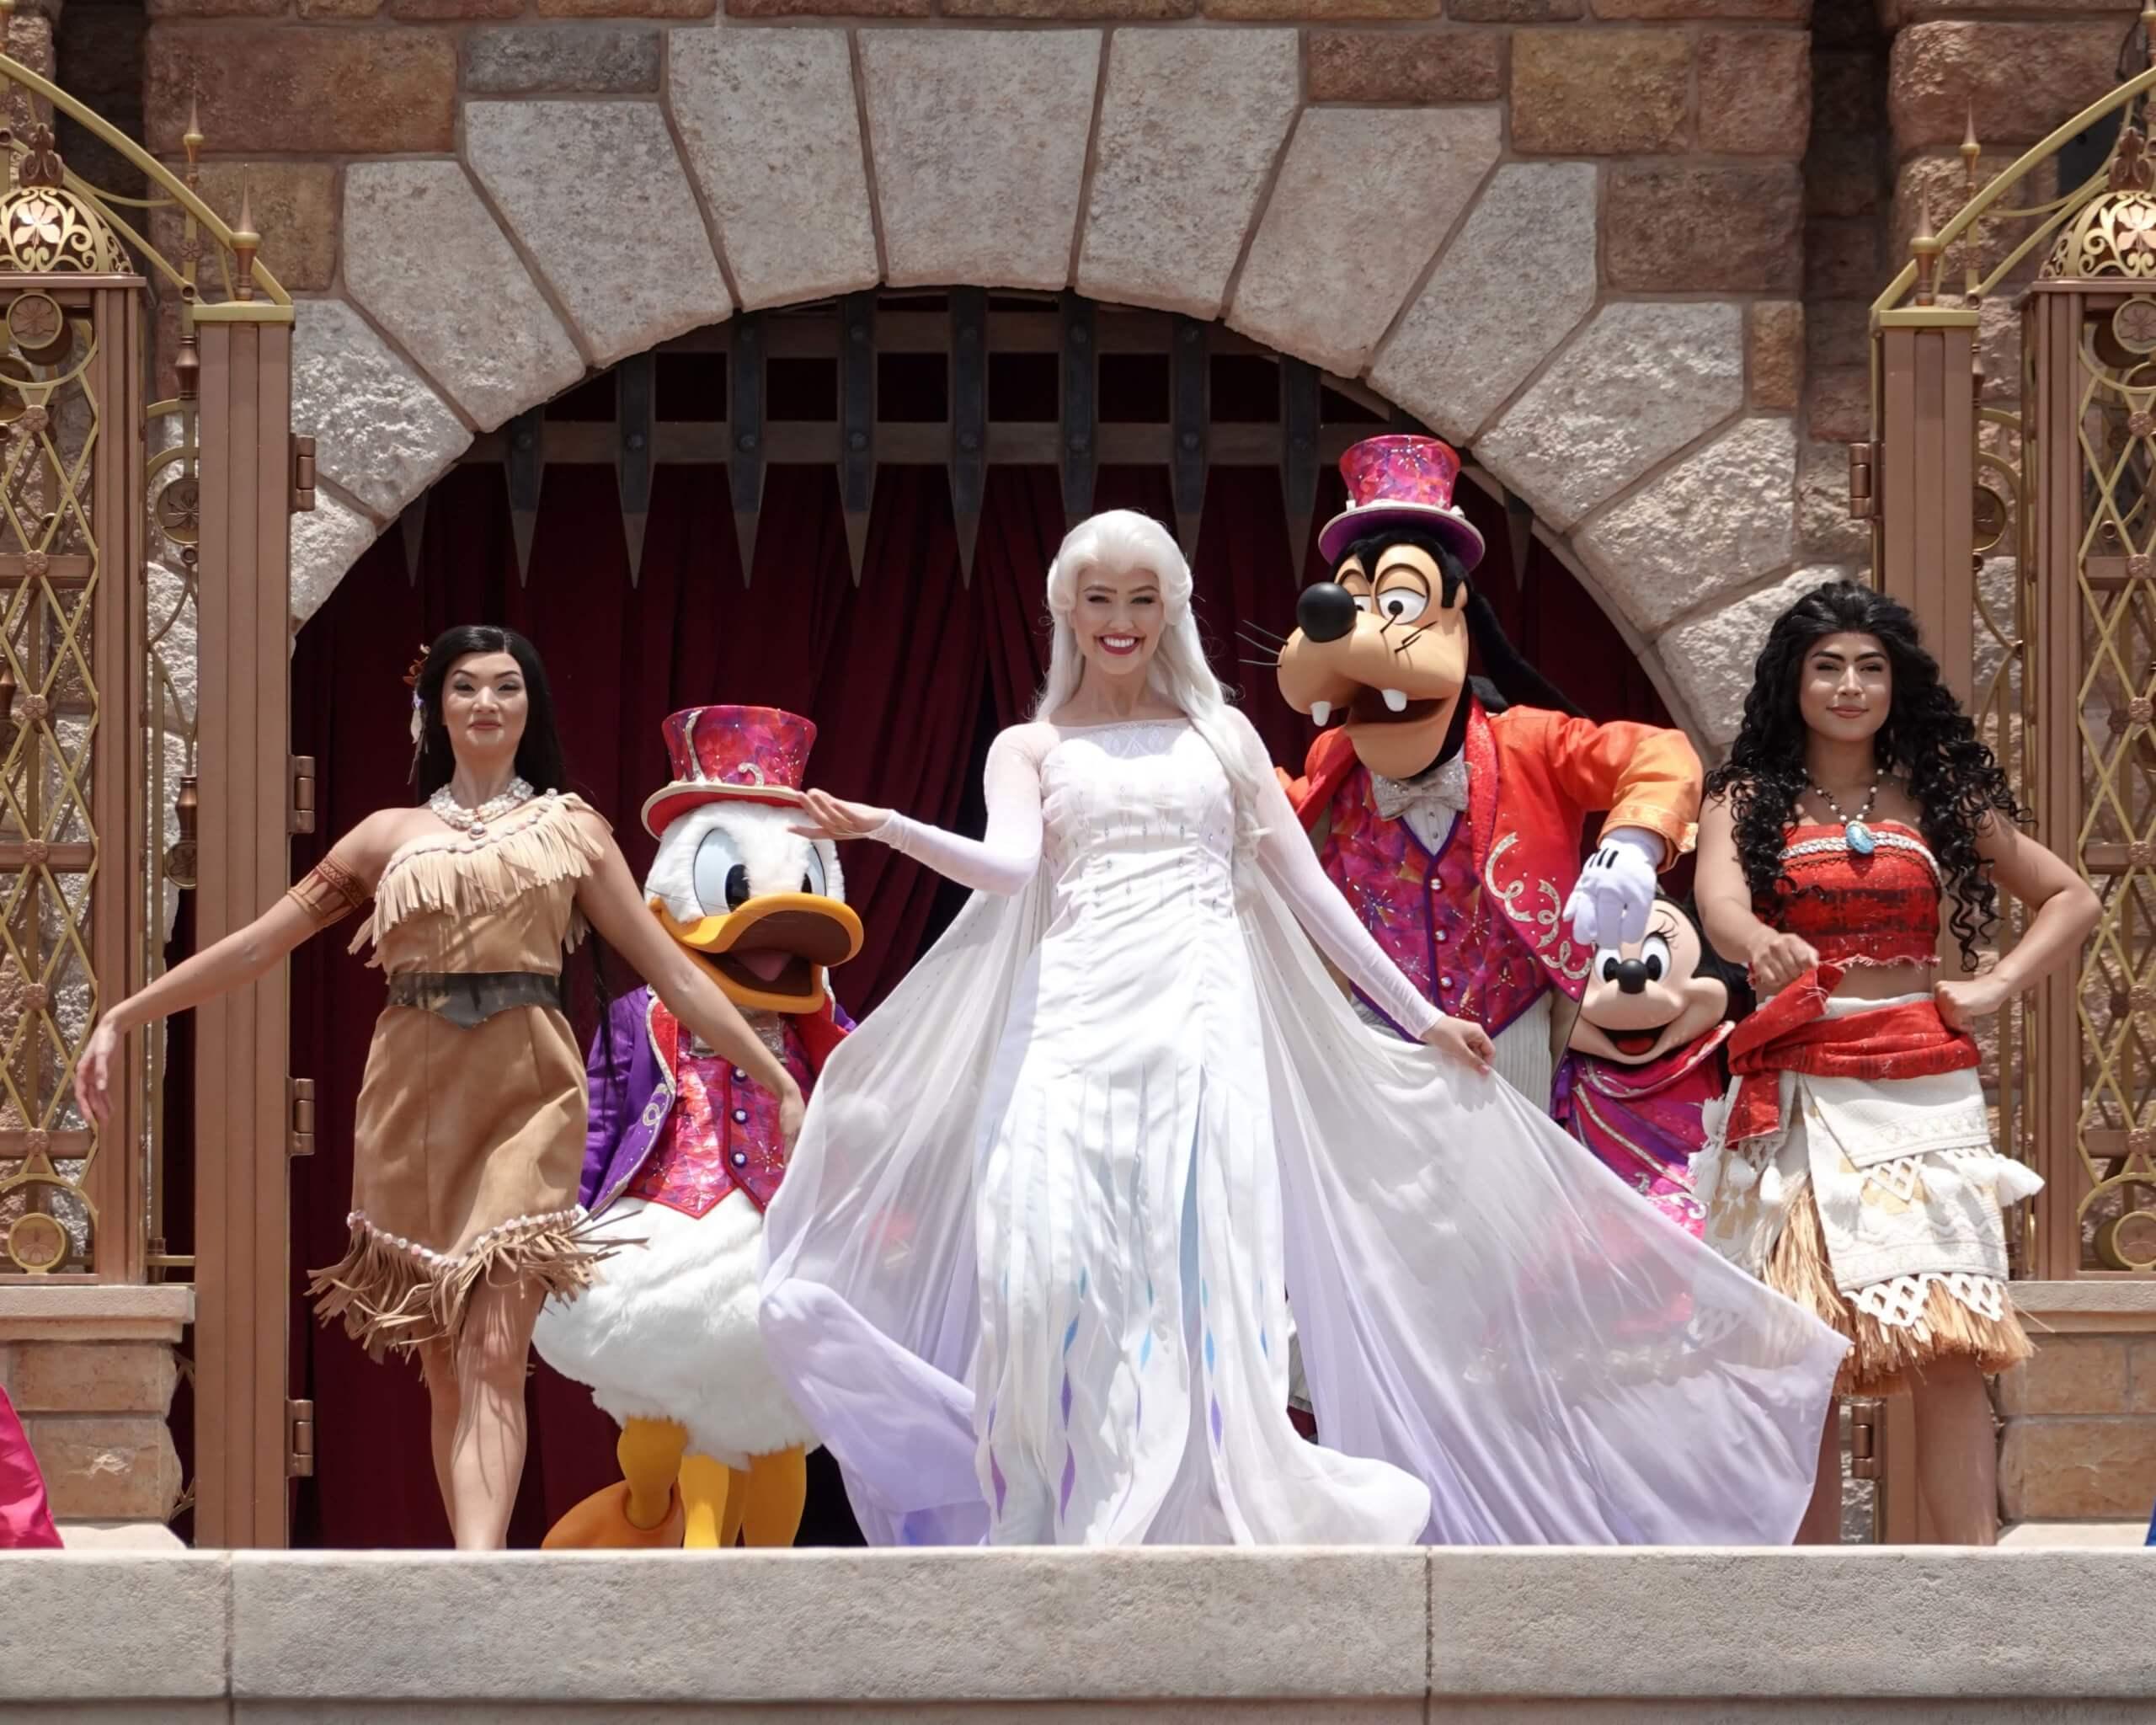 寶嘉康蒂、慕安娜、愛莎女王,三位勇敢嘅公主及女王同場,透過其冒險故事及樂曲,啟發賓大家無懼未知未來,敢於追夢。